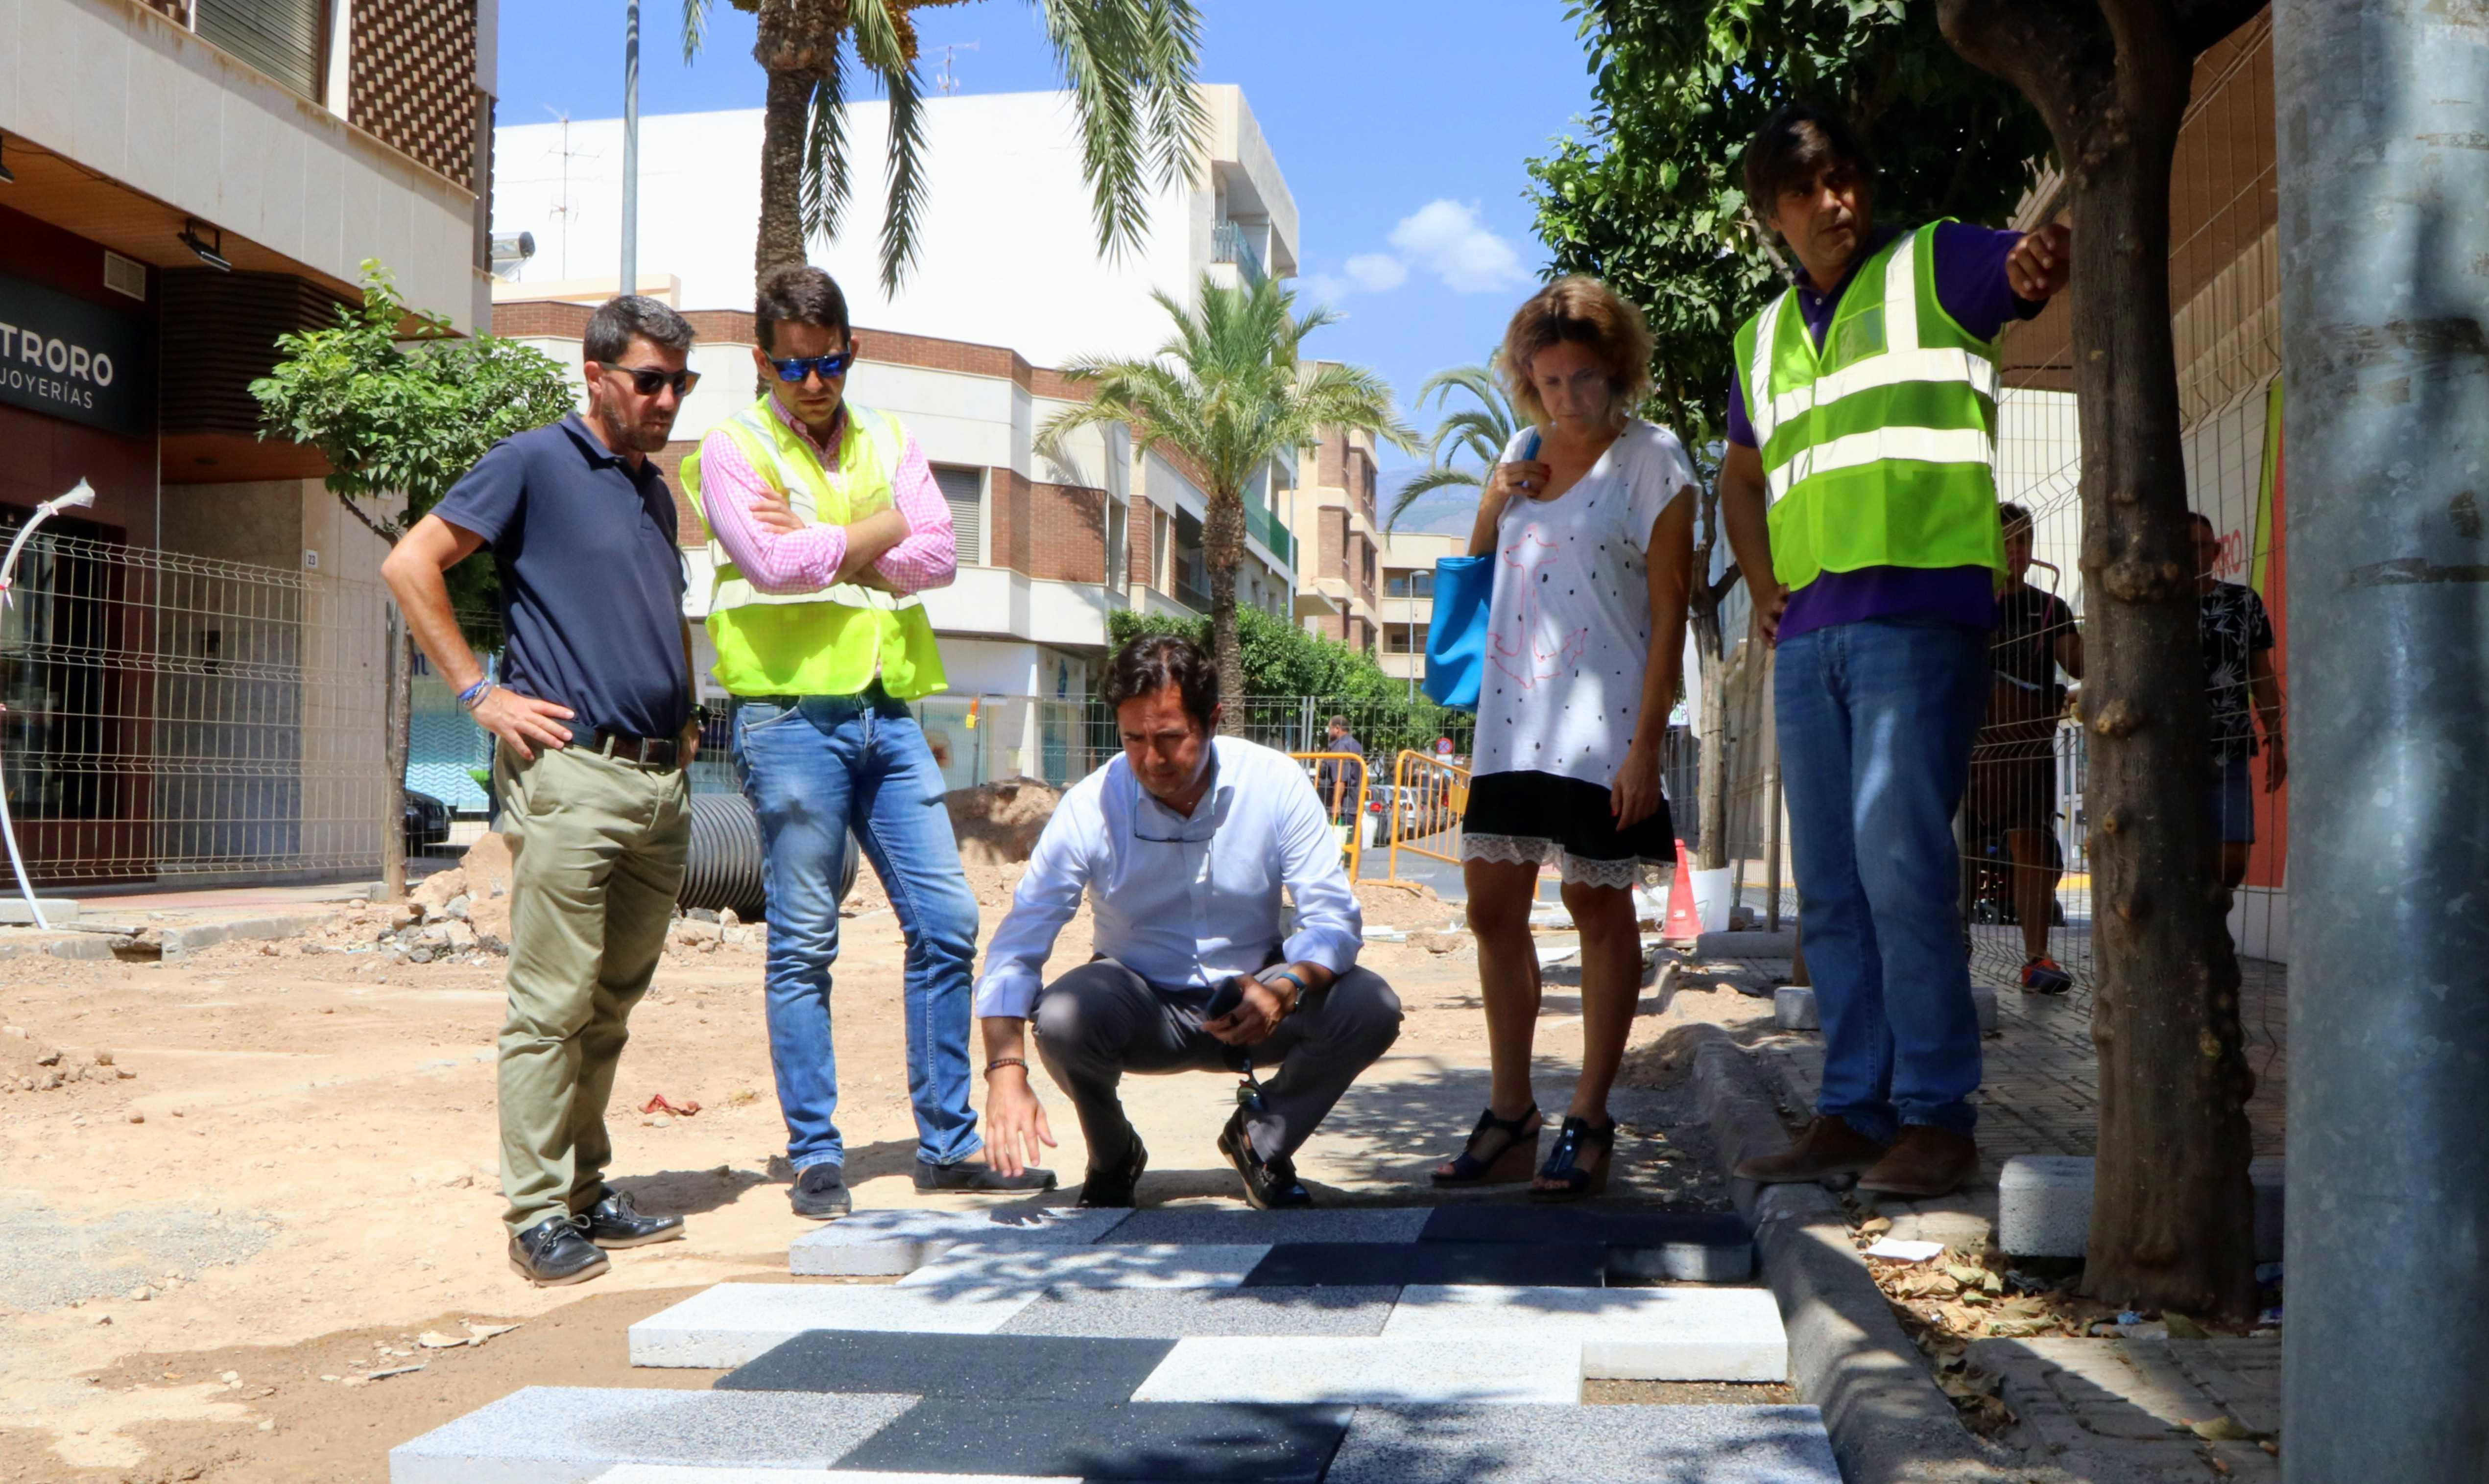 Las obras de remodelación y modernización de Ejido Centro progresan a un ritmo avanzado tras la colocación de los sistemas de canalización en la calle Iglesia